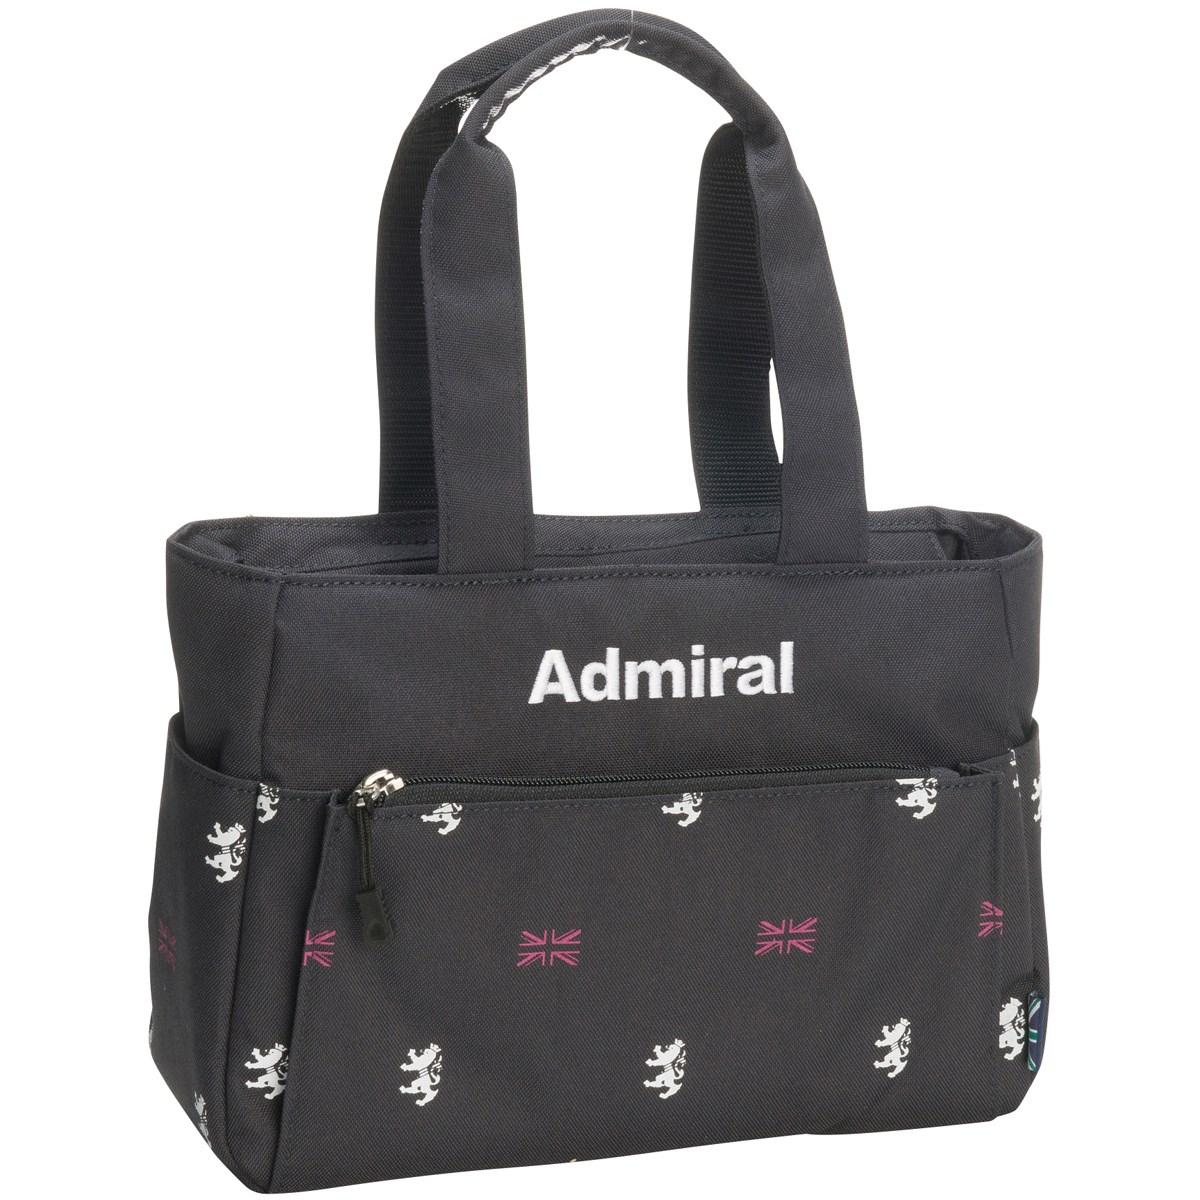 アドミラル モノグラム ラウンドバッグ